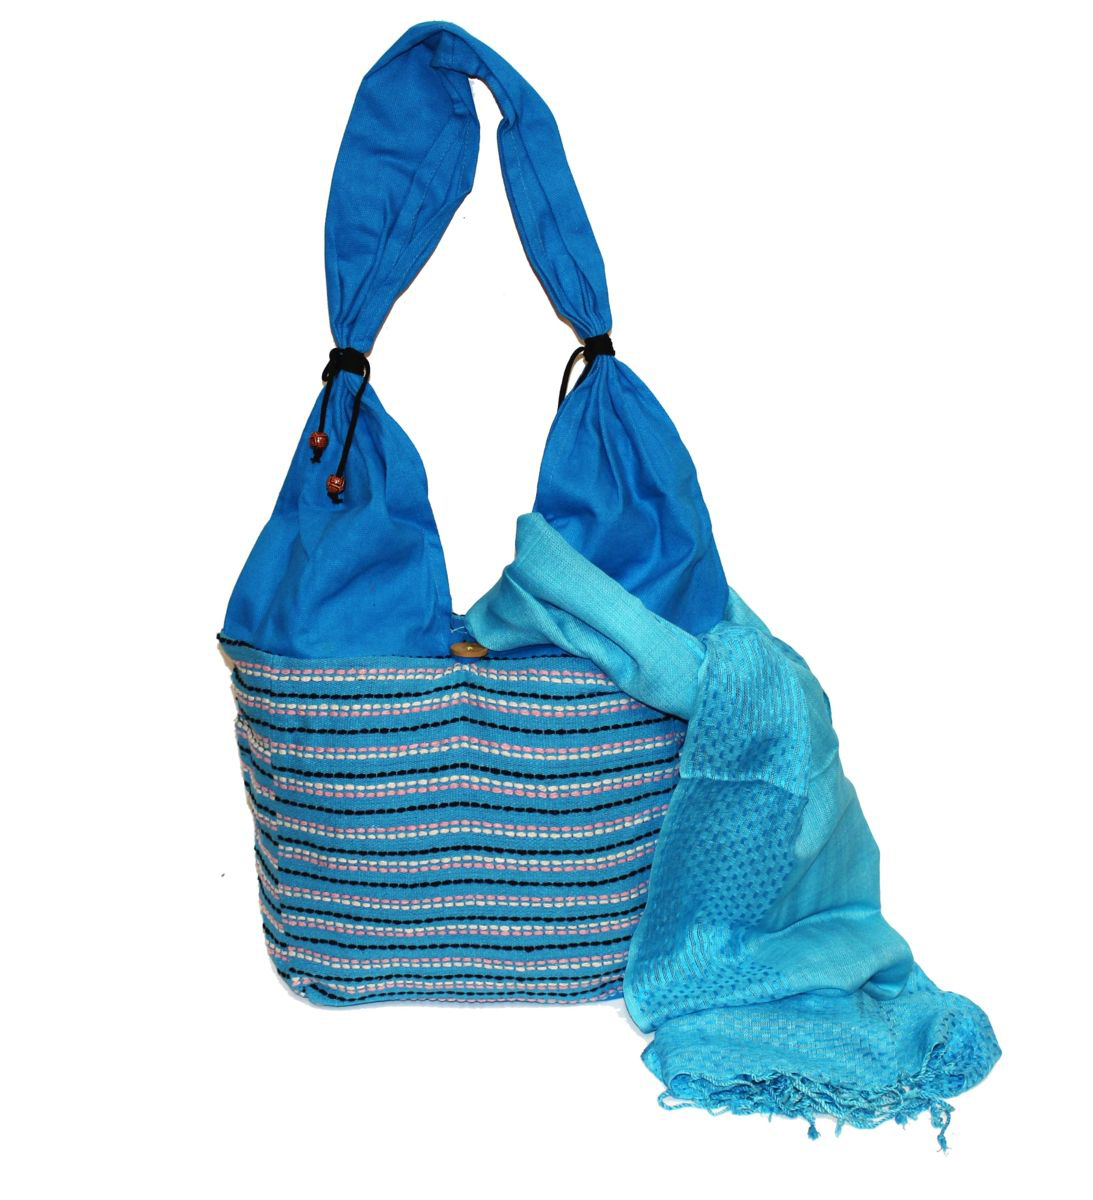 Ethnica Хлопковая сумка-торба, цвет: голубой, в полоску. 122150RK472-02Пляжная женская сумка Ethnica выполнена из хлопковой ткани с декоративной ручной отделкой. Модель с одним отделением, застегивается на пуговицу.